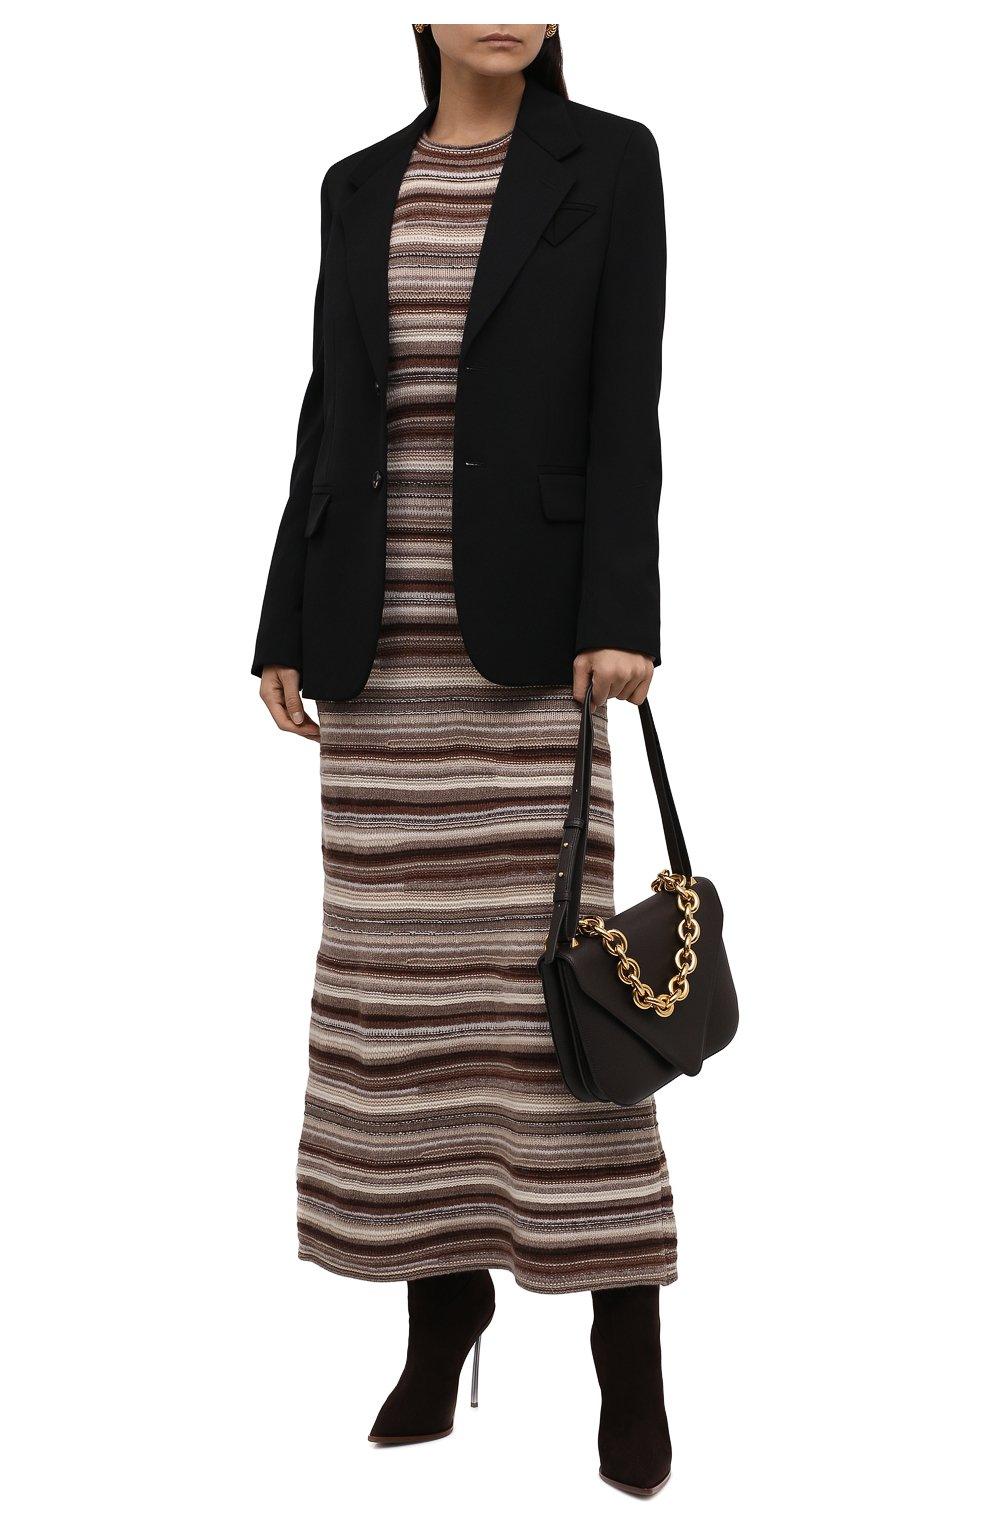 Женское платье из кашемира и шерсти CHLOÉ коричневого цвета, арт. CHC21WMR08670   Фото 2 (Материал внешний: Шерсть, Кашемир; Рукава: Длинные; Случай: Повседневный; Кросс-КТ: Трикотаж; Длина Ж (юбки, платья, шорты): Макси; Женское Кросс-КТ: Платье-одежда; Стили: Кэжуэл)